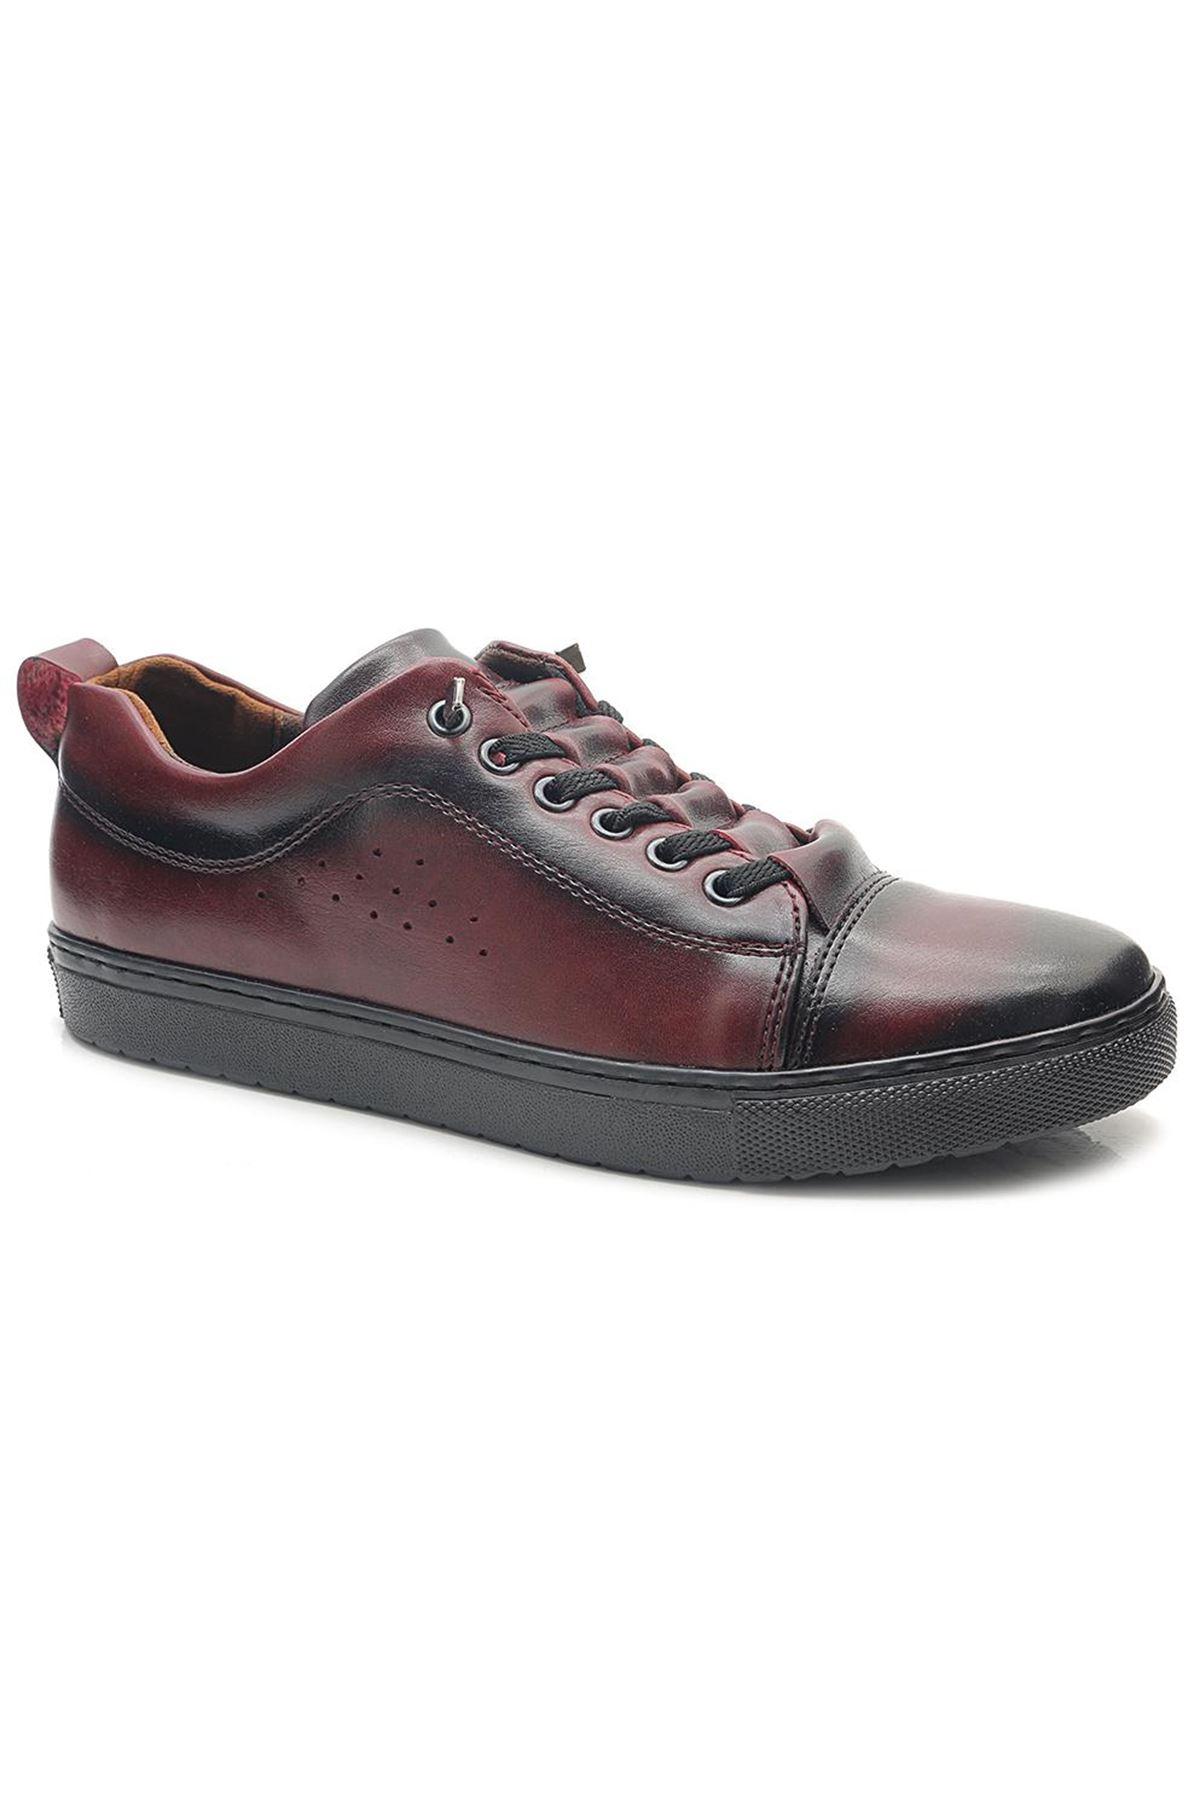 Onnomen 0052 Casual Günlük Erkek Ayakkabı